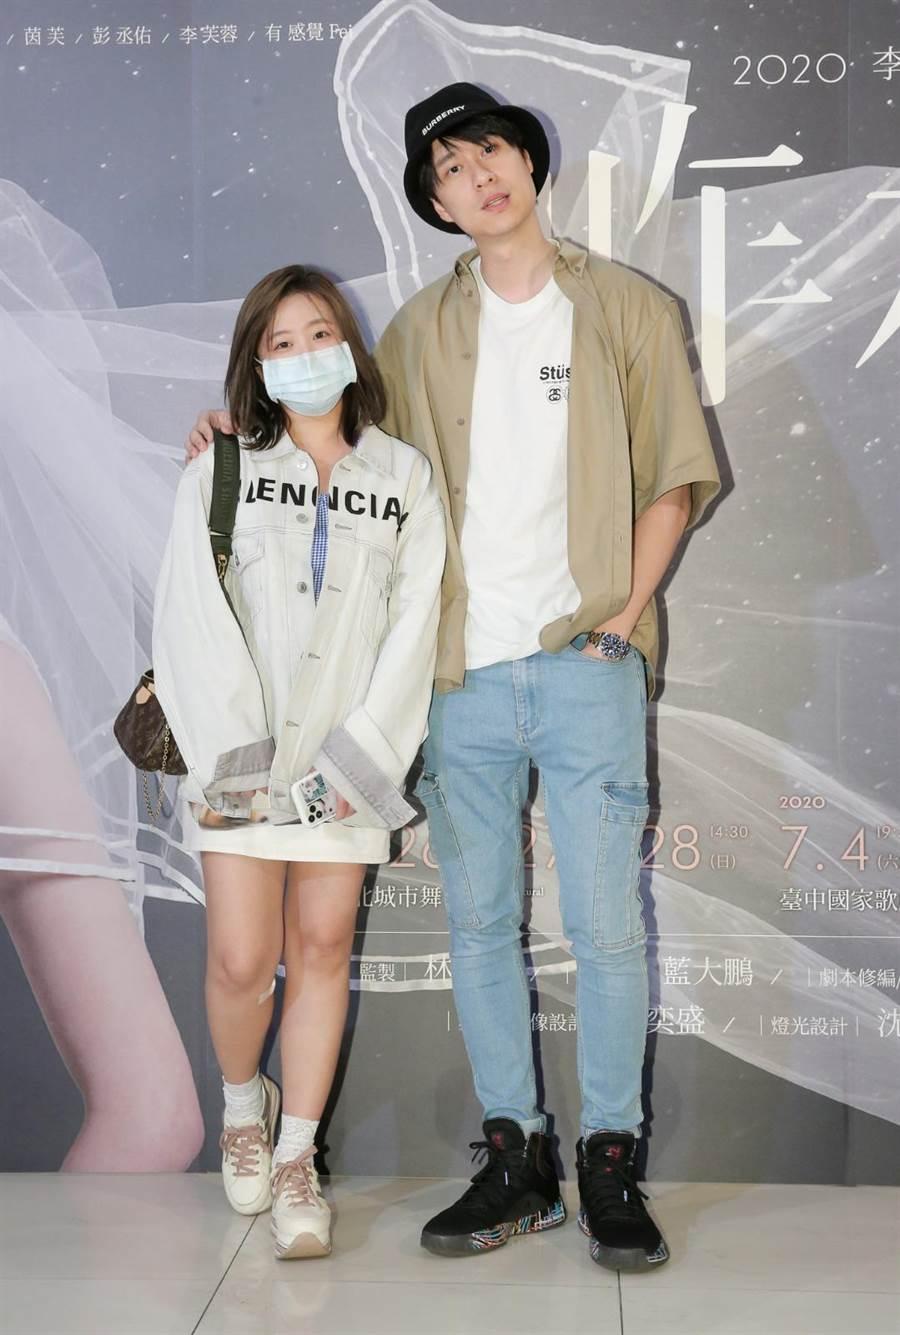 刘书宏和女友茵声26日前往欣赏《昨夜星辰》舞台剧。(卢祎祺摄)